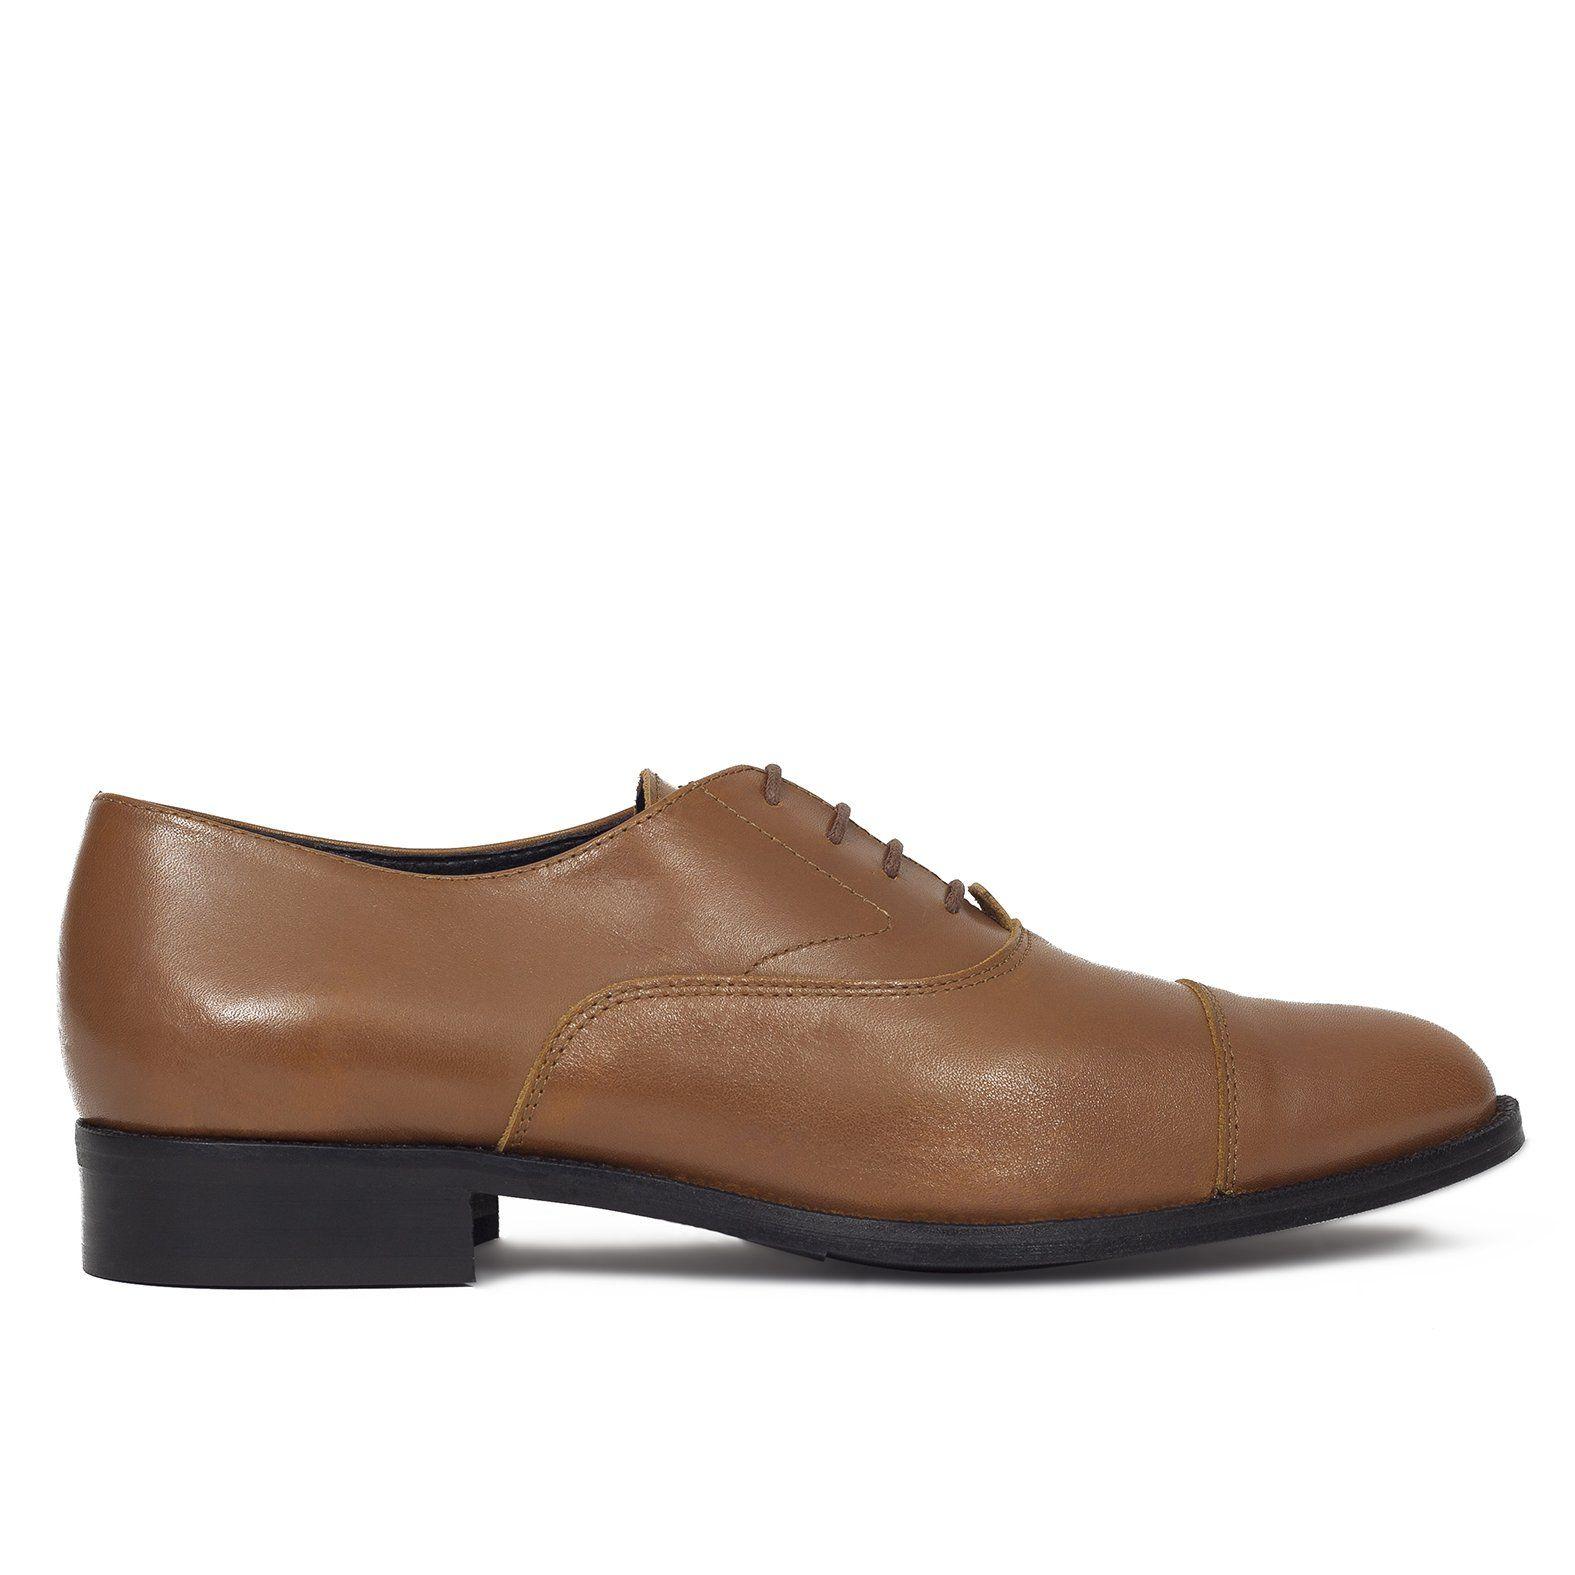 66ea2a3be2dda Zapatos Oxford mujer con cordones CUERO cómodos Zapatos online miMaO – miMaO  ShopOnline